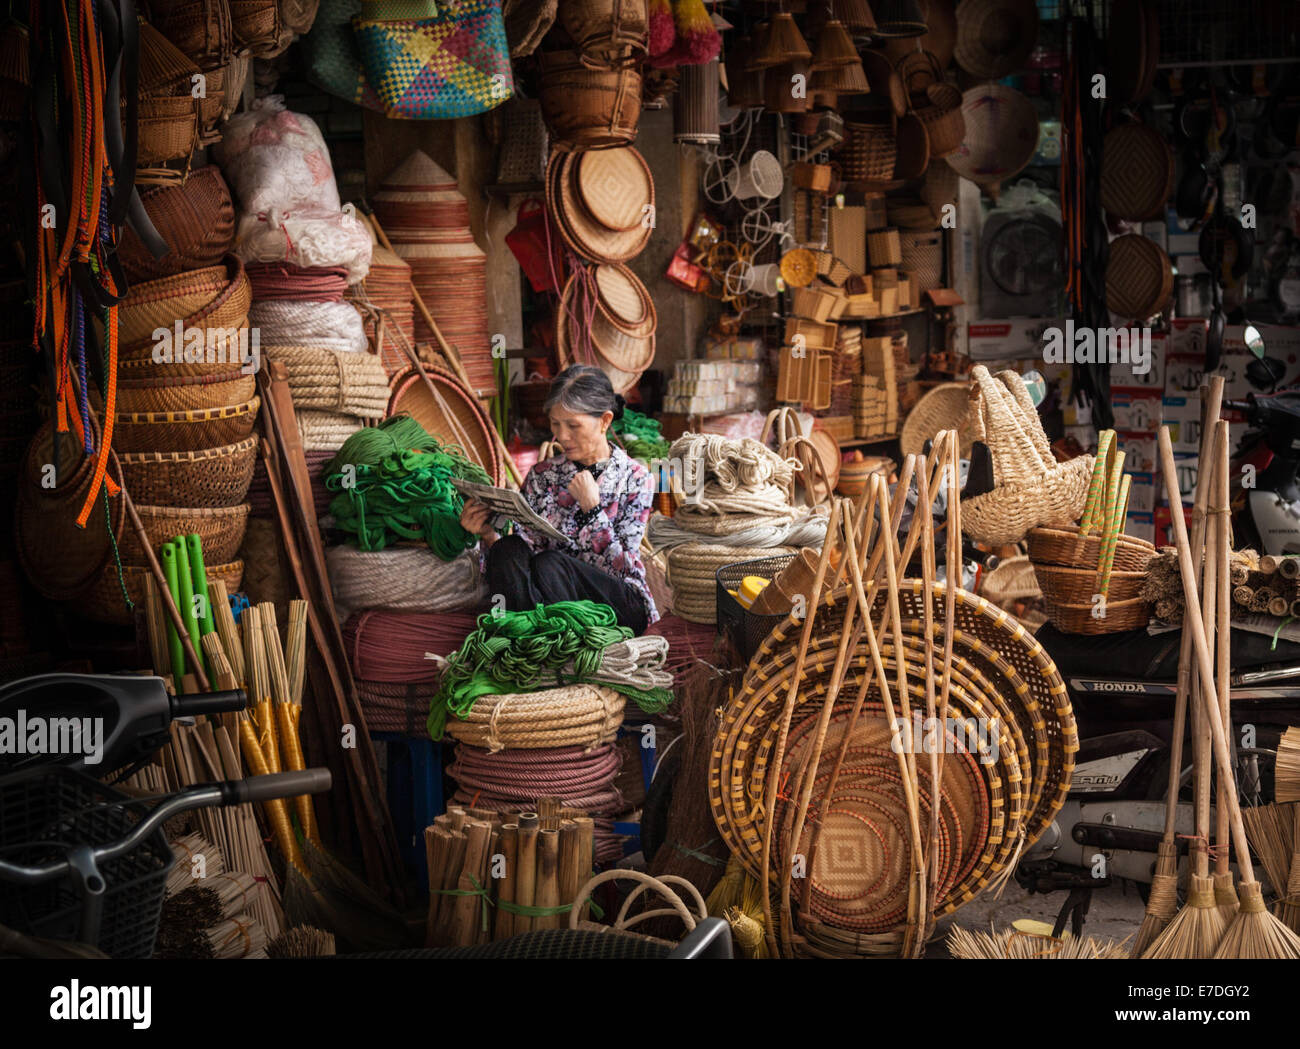 Marché alimentaire dans le vieux quartier de Hanoi, Vietnam Photo Stock